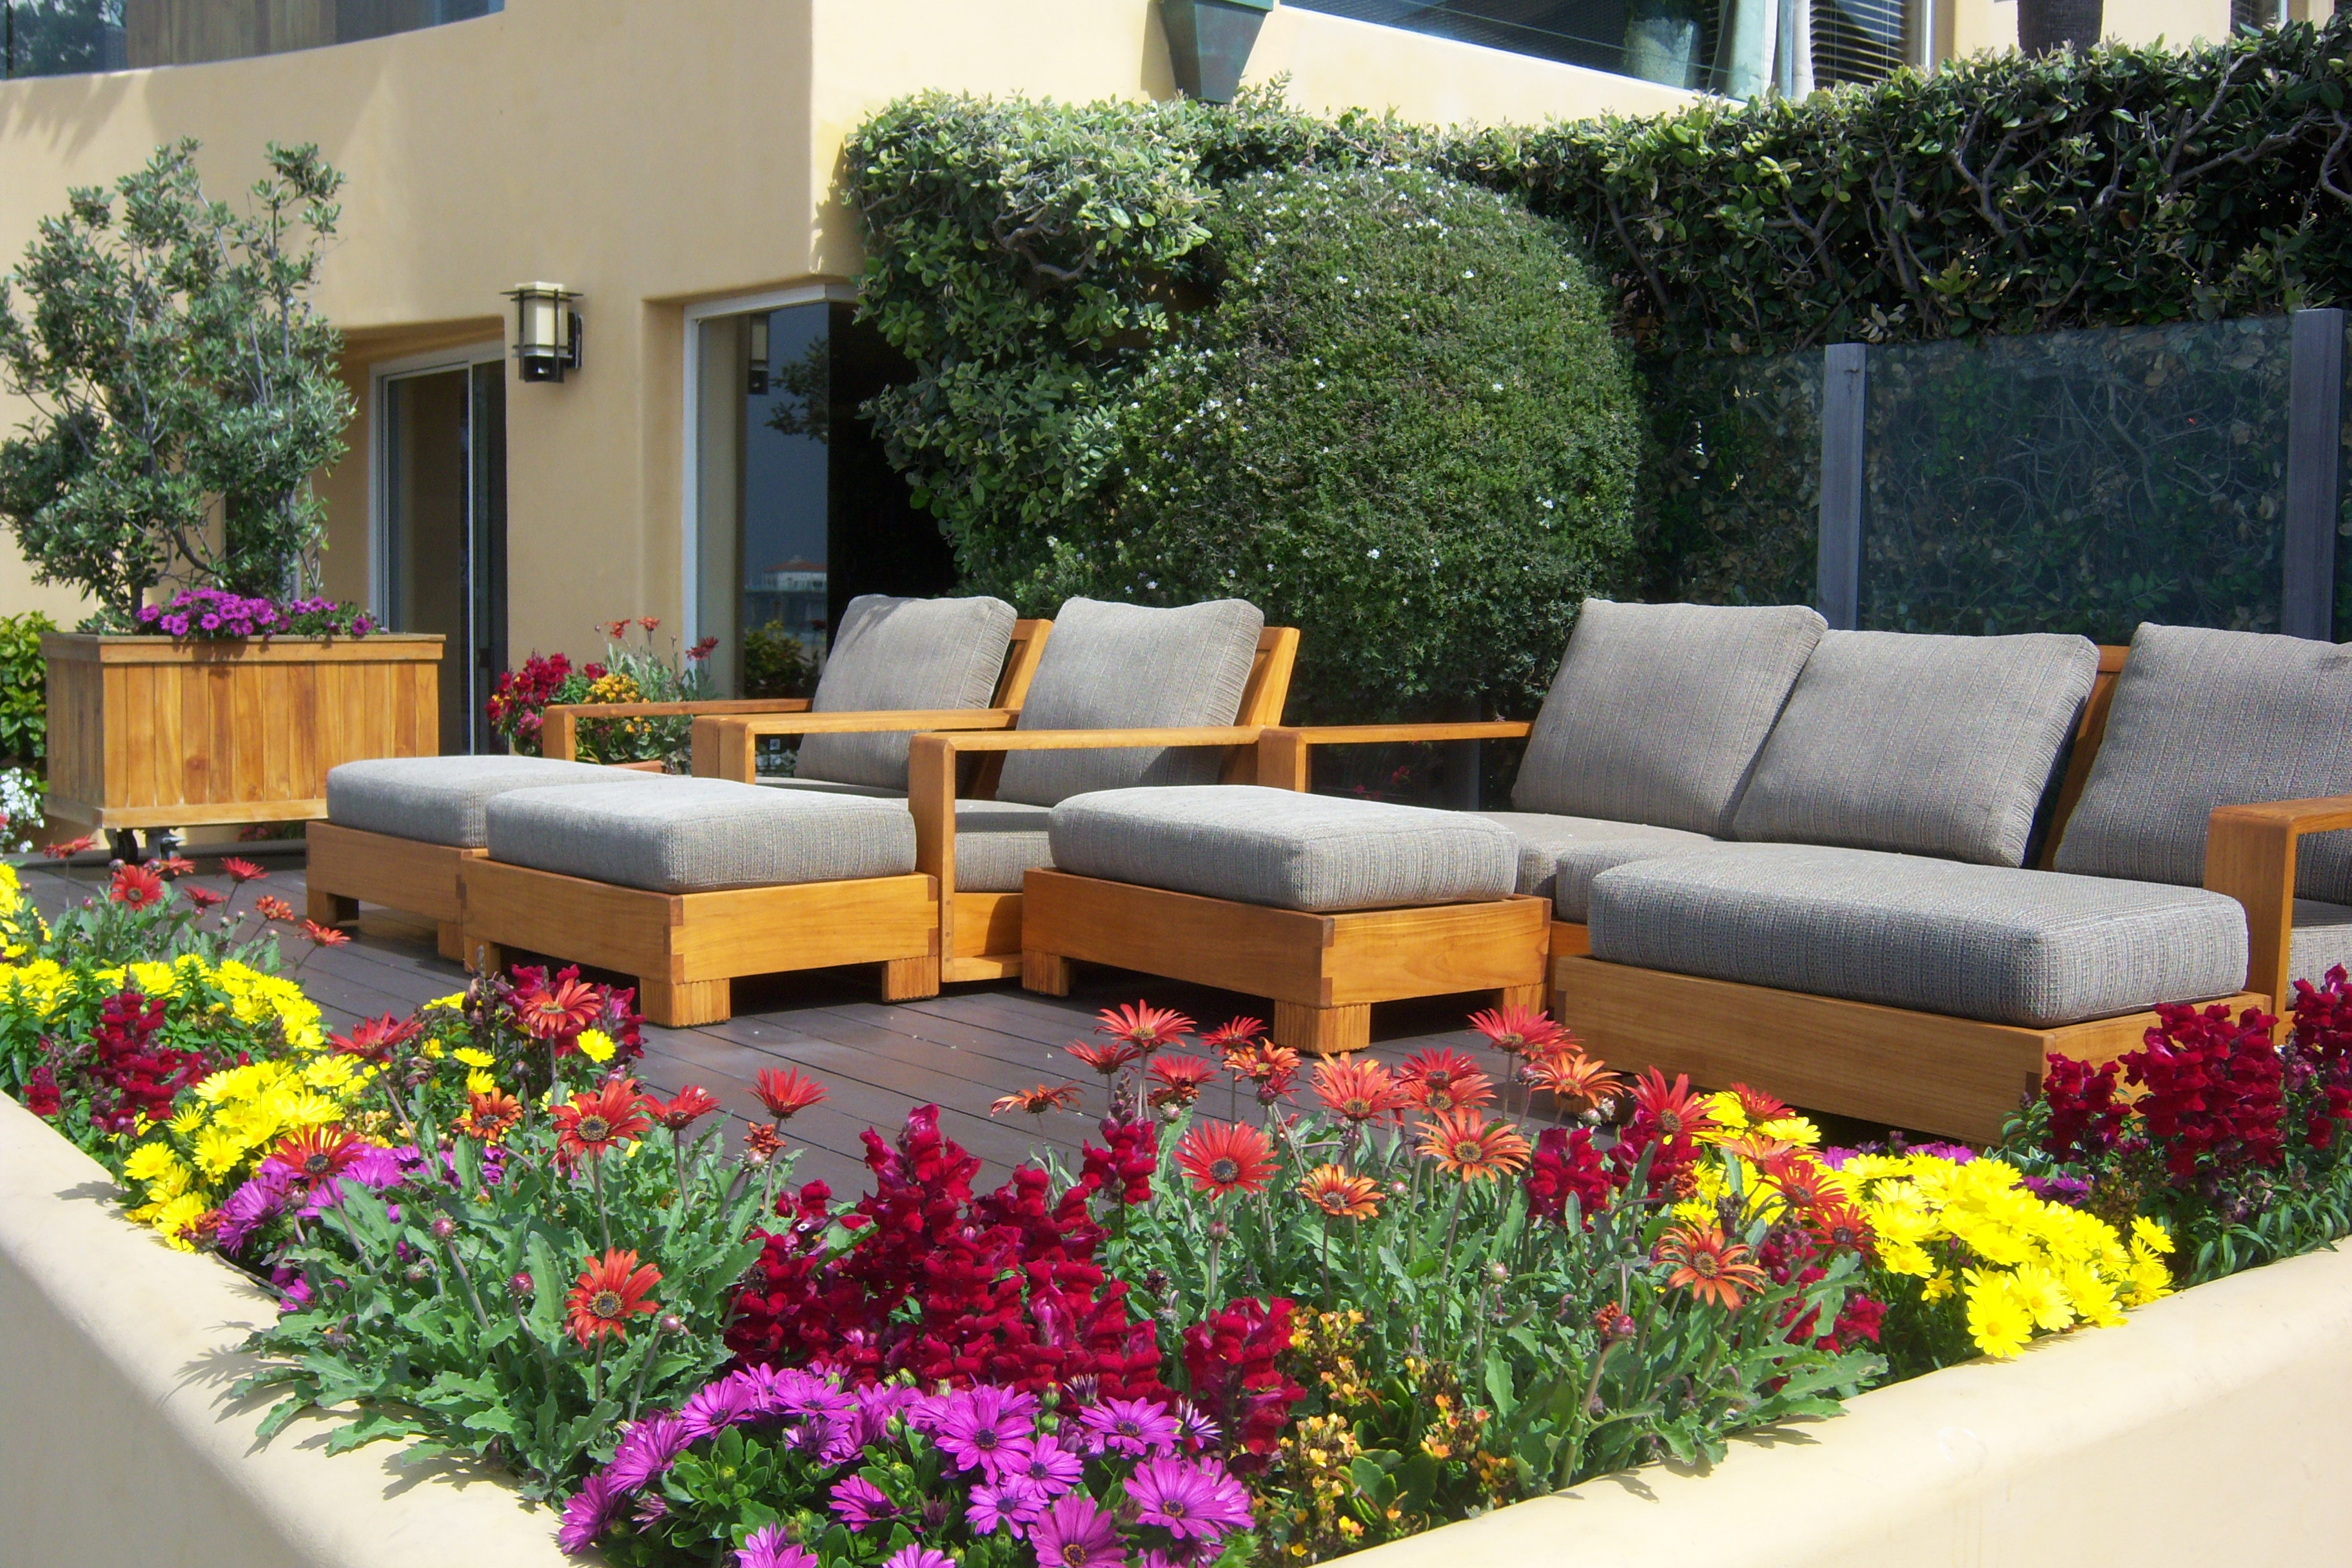 Ideas verdes para disfrutar arquitectura propiedades for Decoracion de patios pequenos con plantas